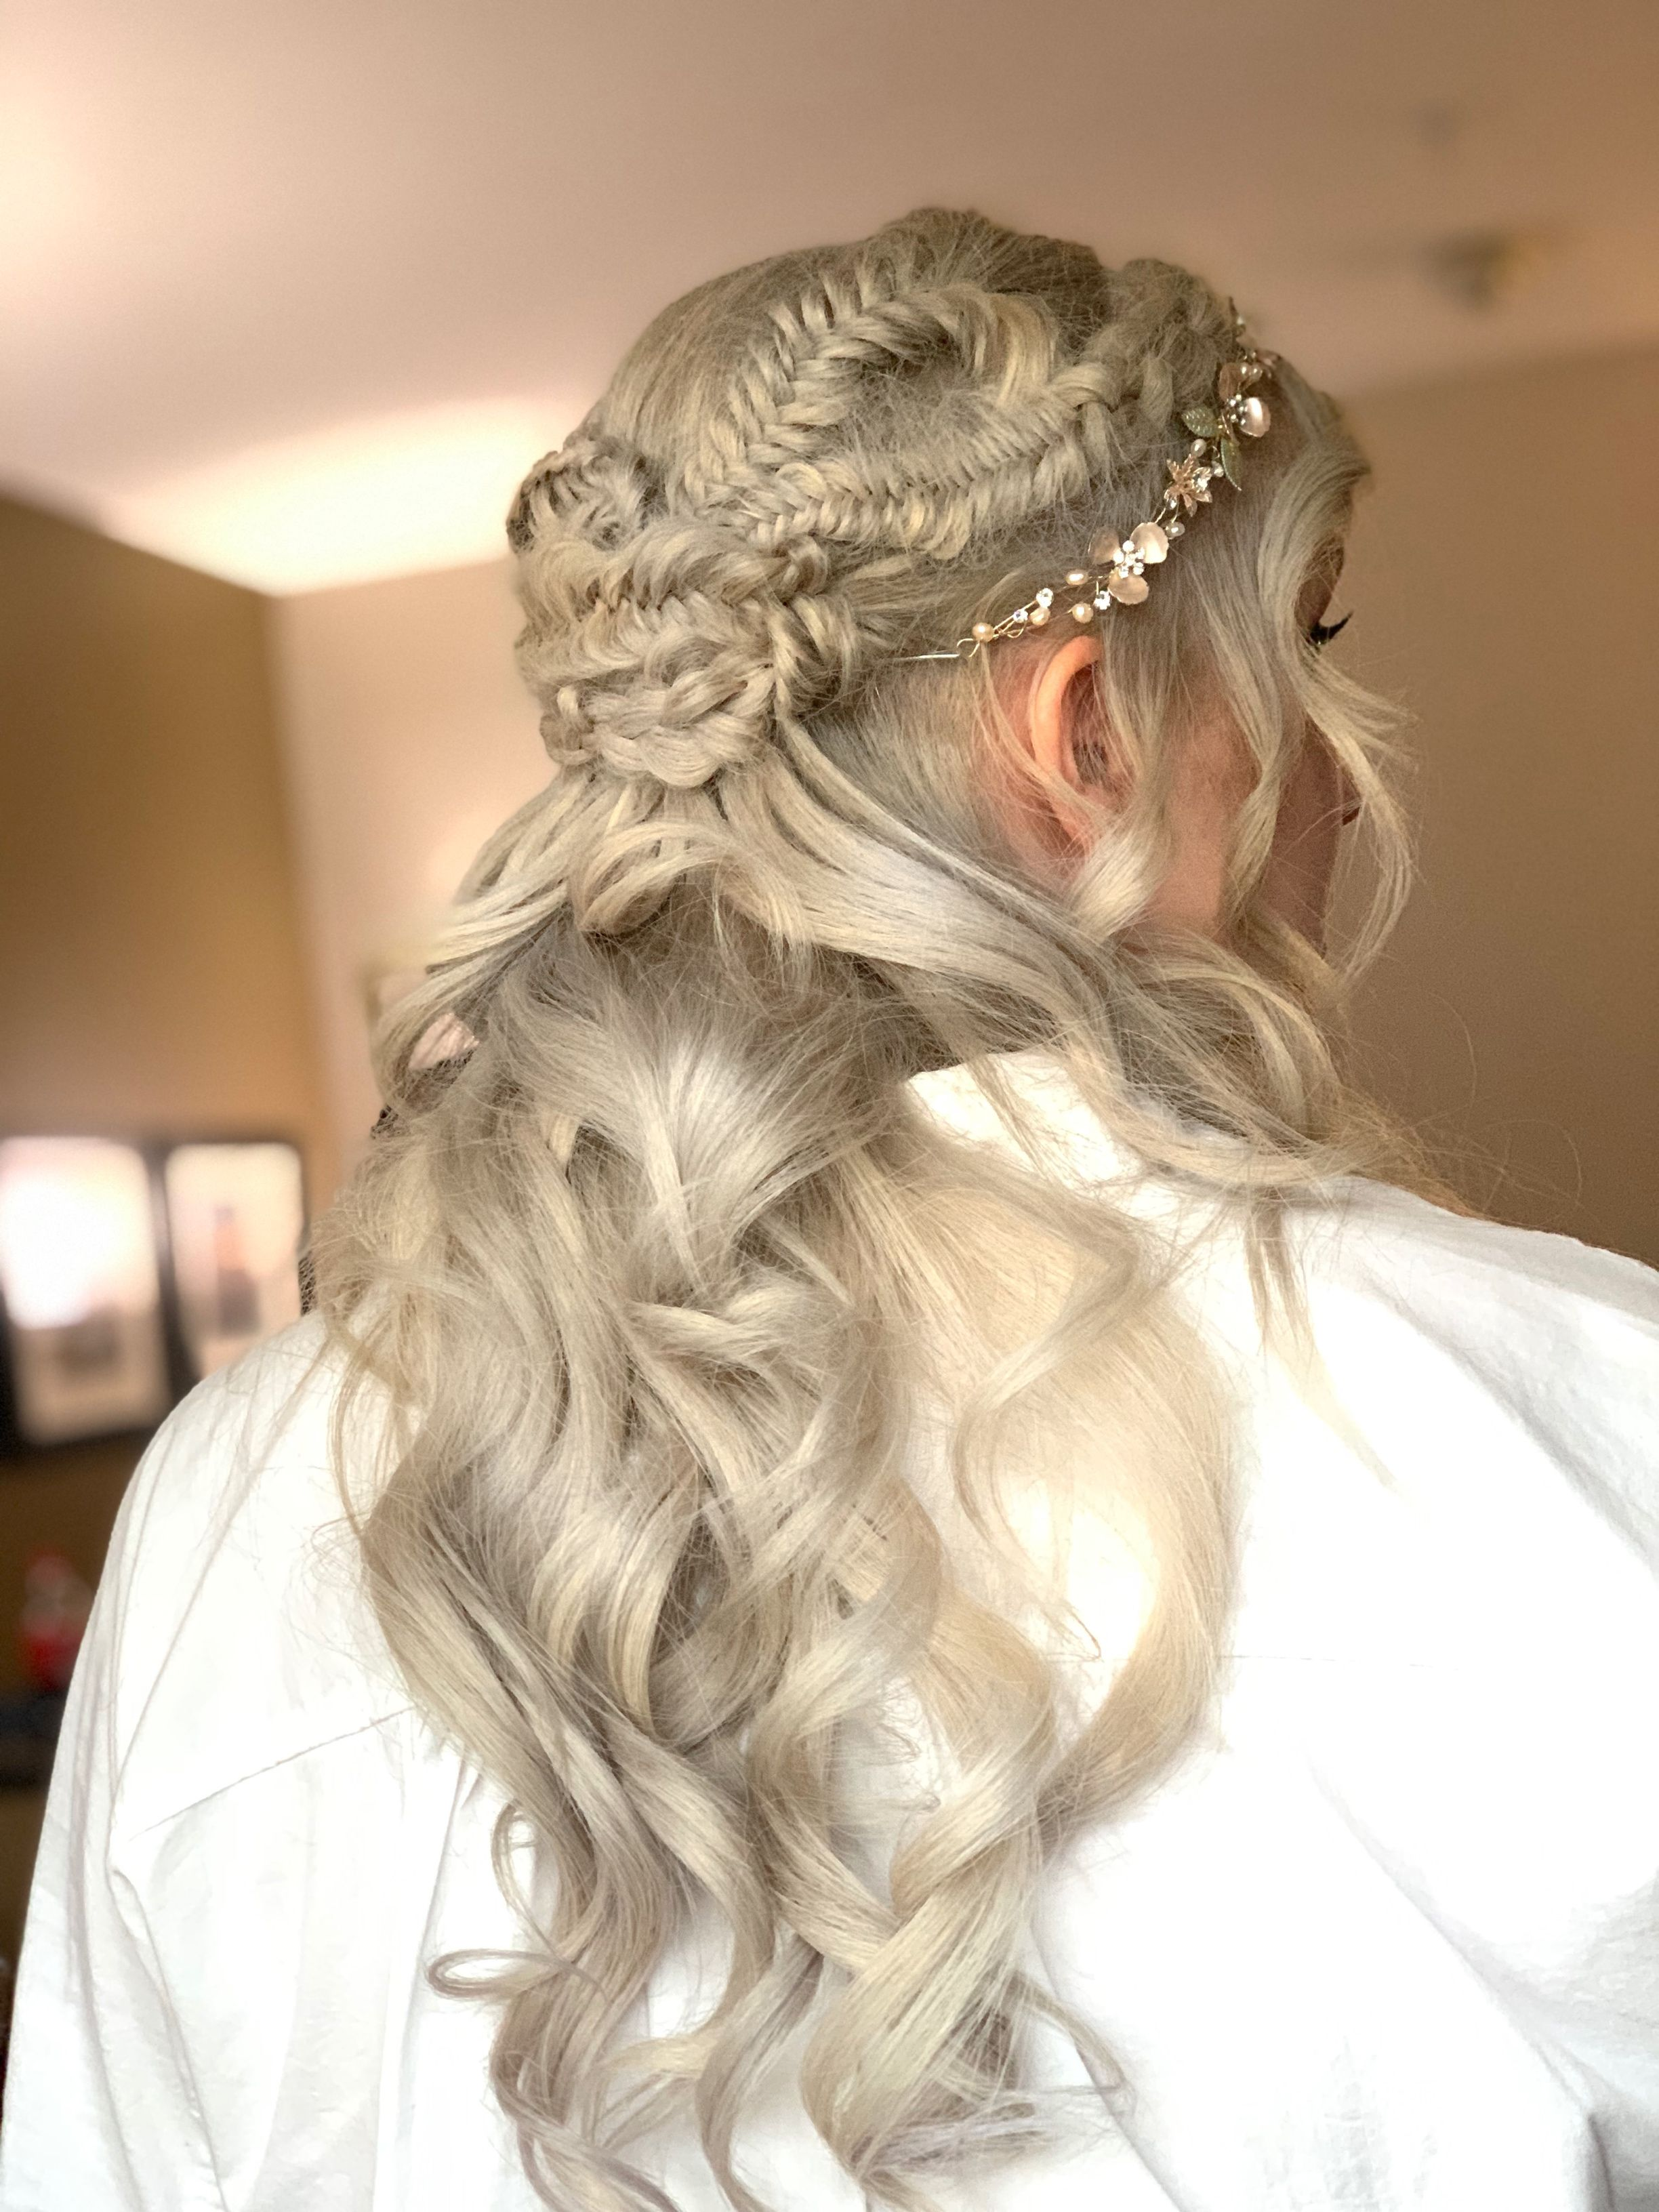 Game Of Thrones Bride Hair Styles Wedding Hair And Makeup Wedding Hairstyles Bride